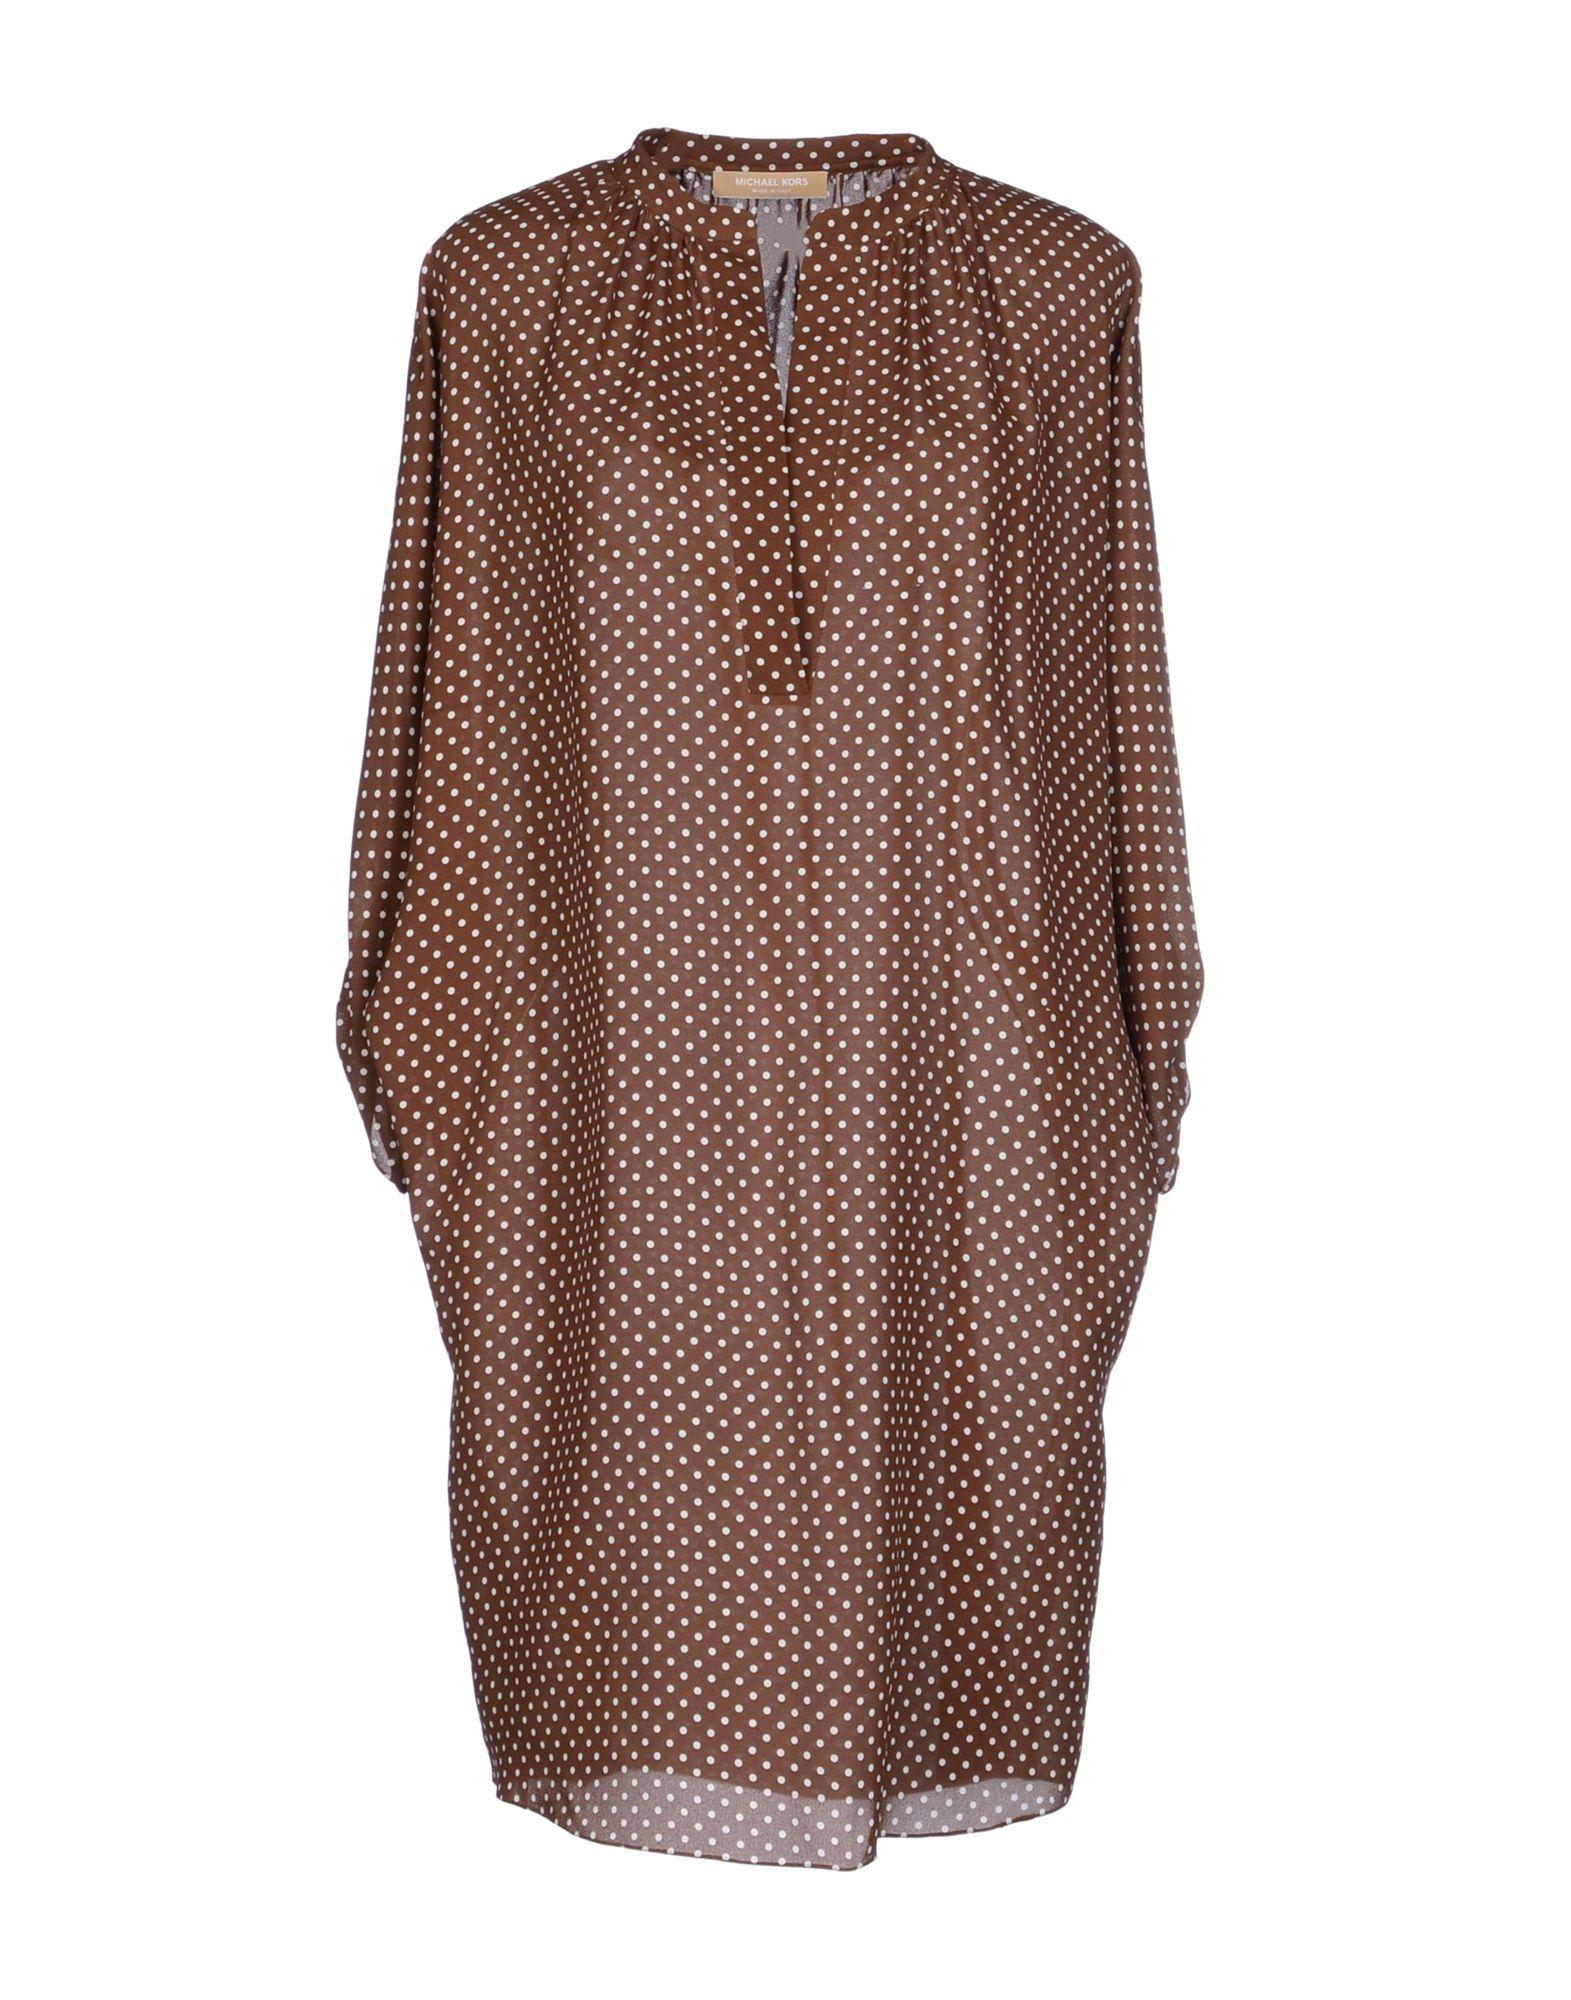 michael kors female michael kors short dresses